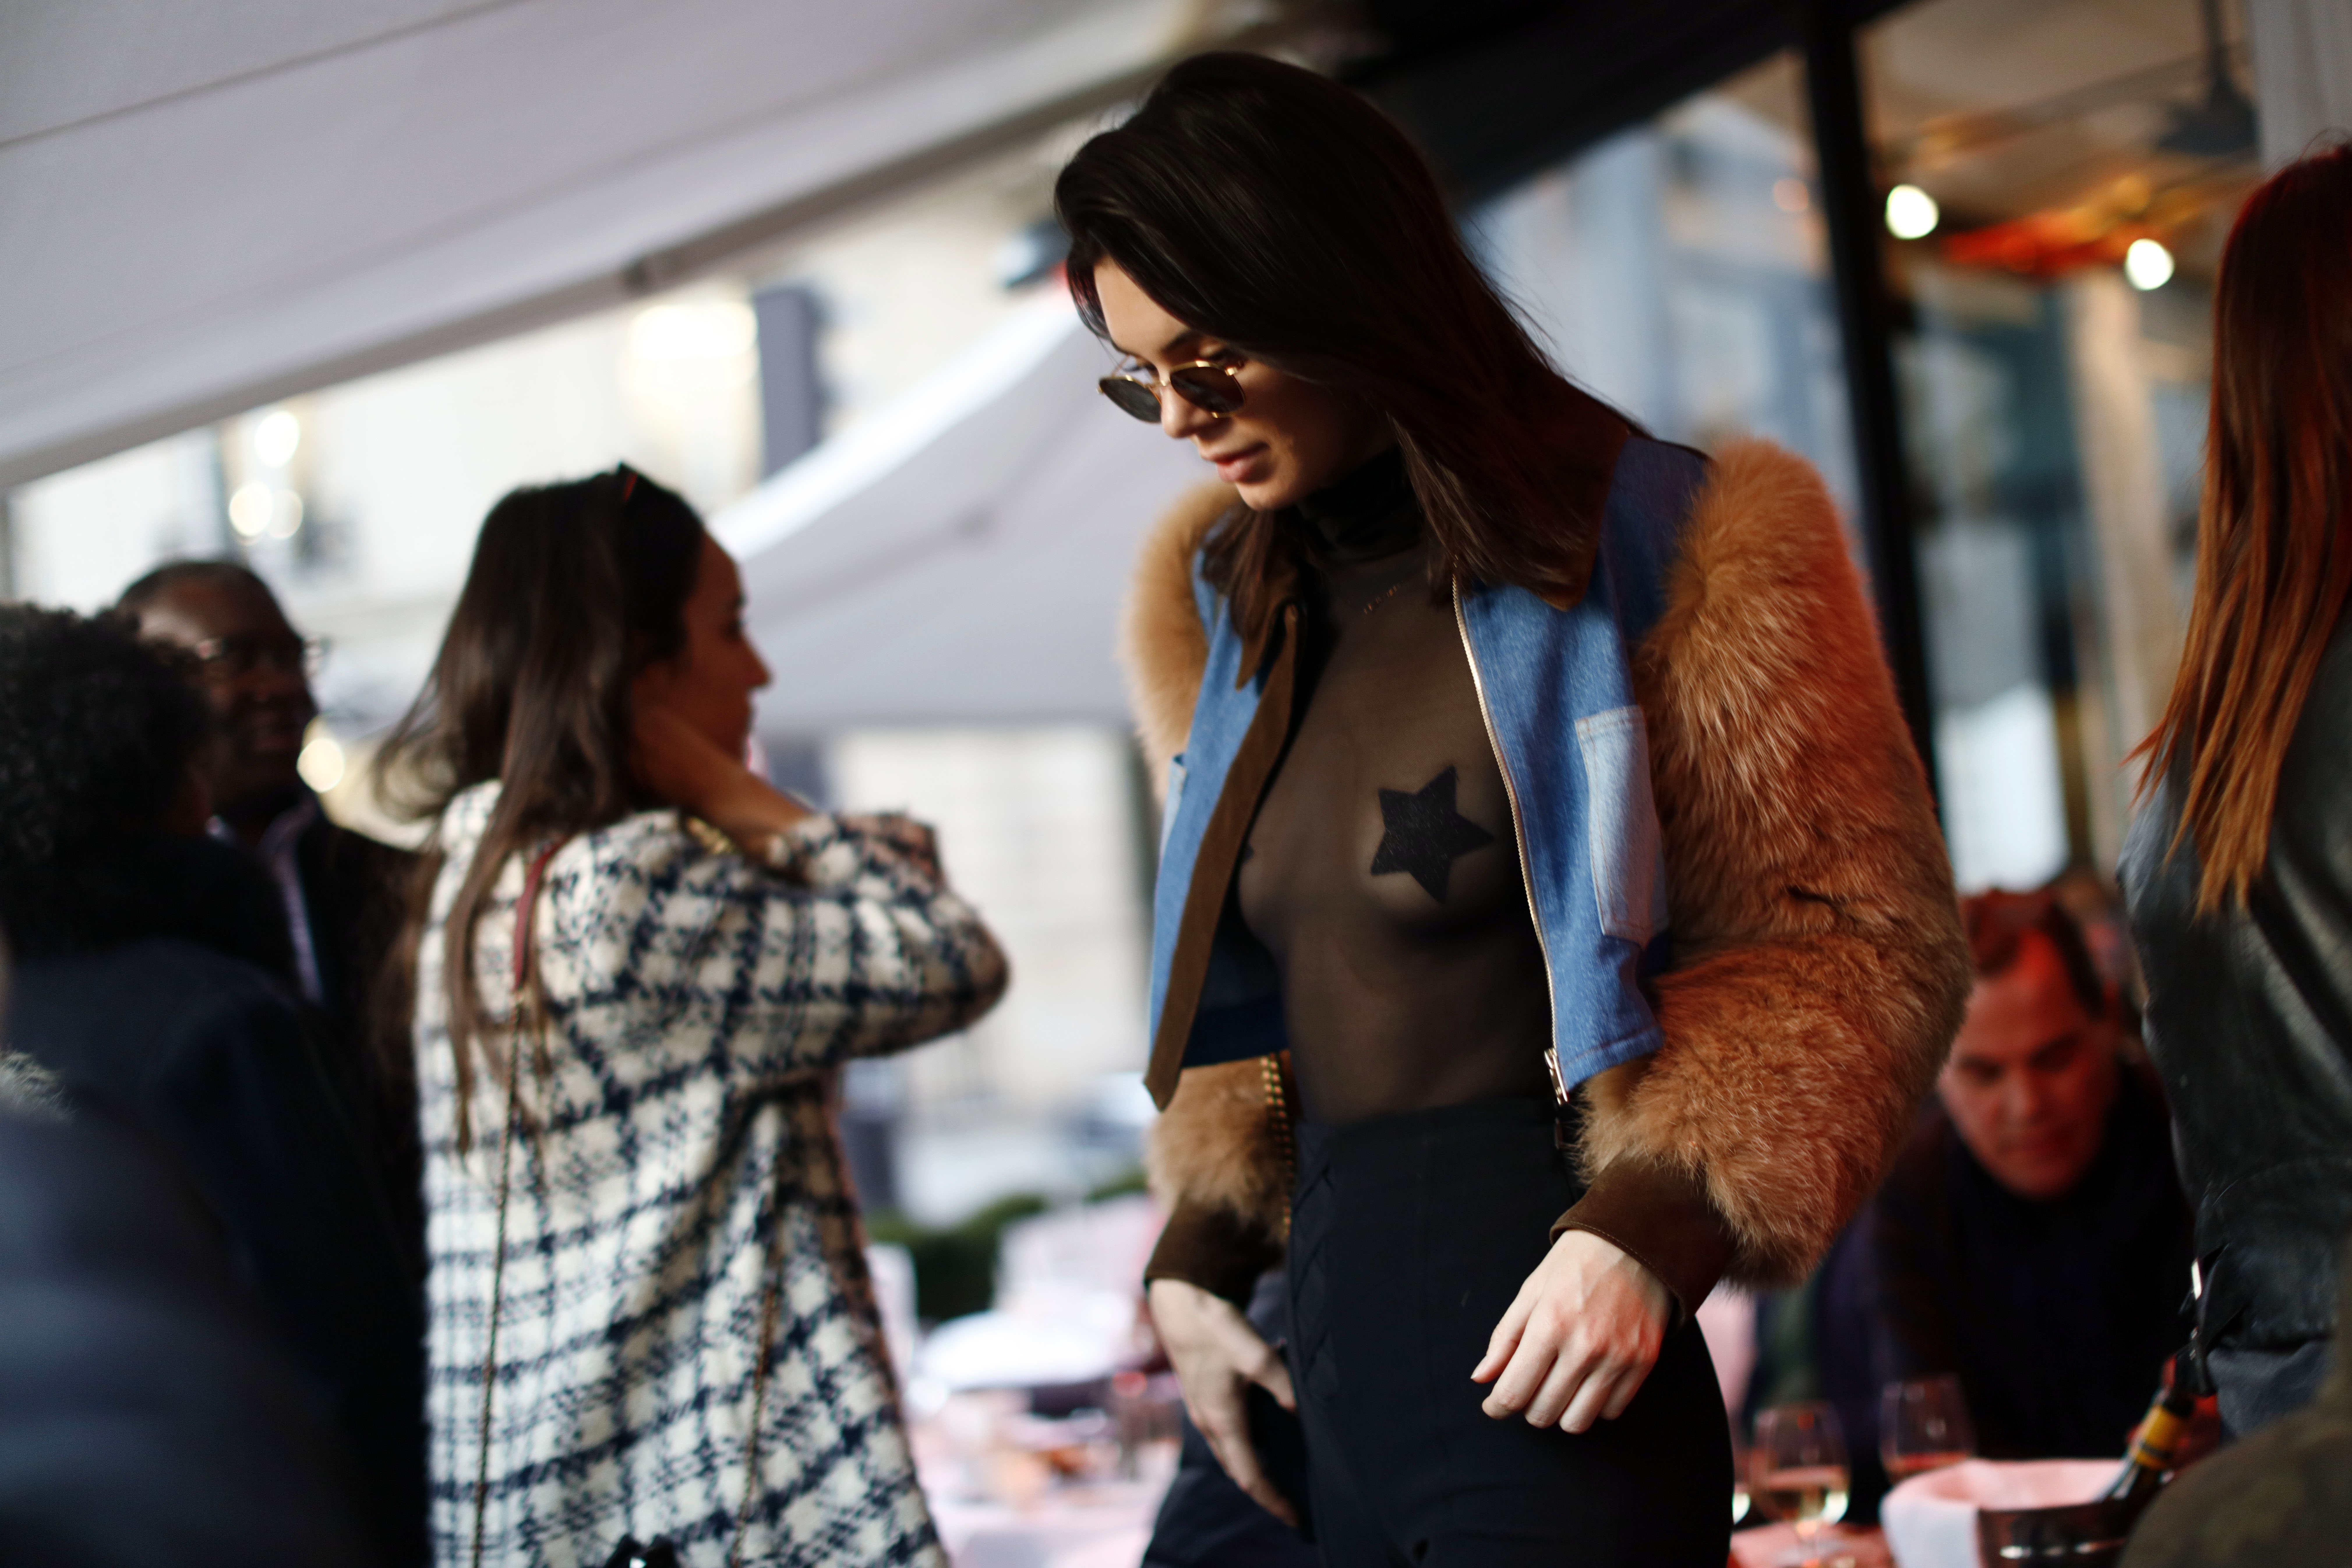 Скандальная топ-модель Белла Хадид вышла всвет без нижнего белья